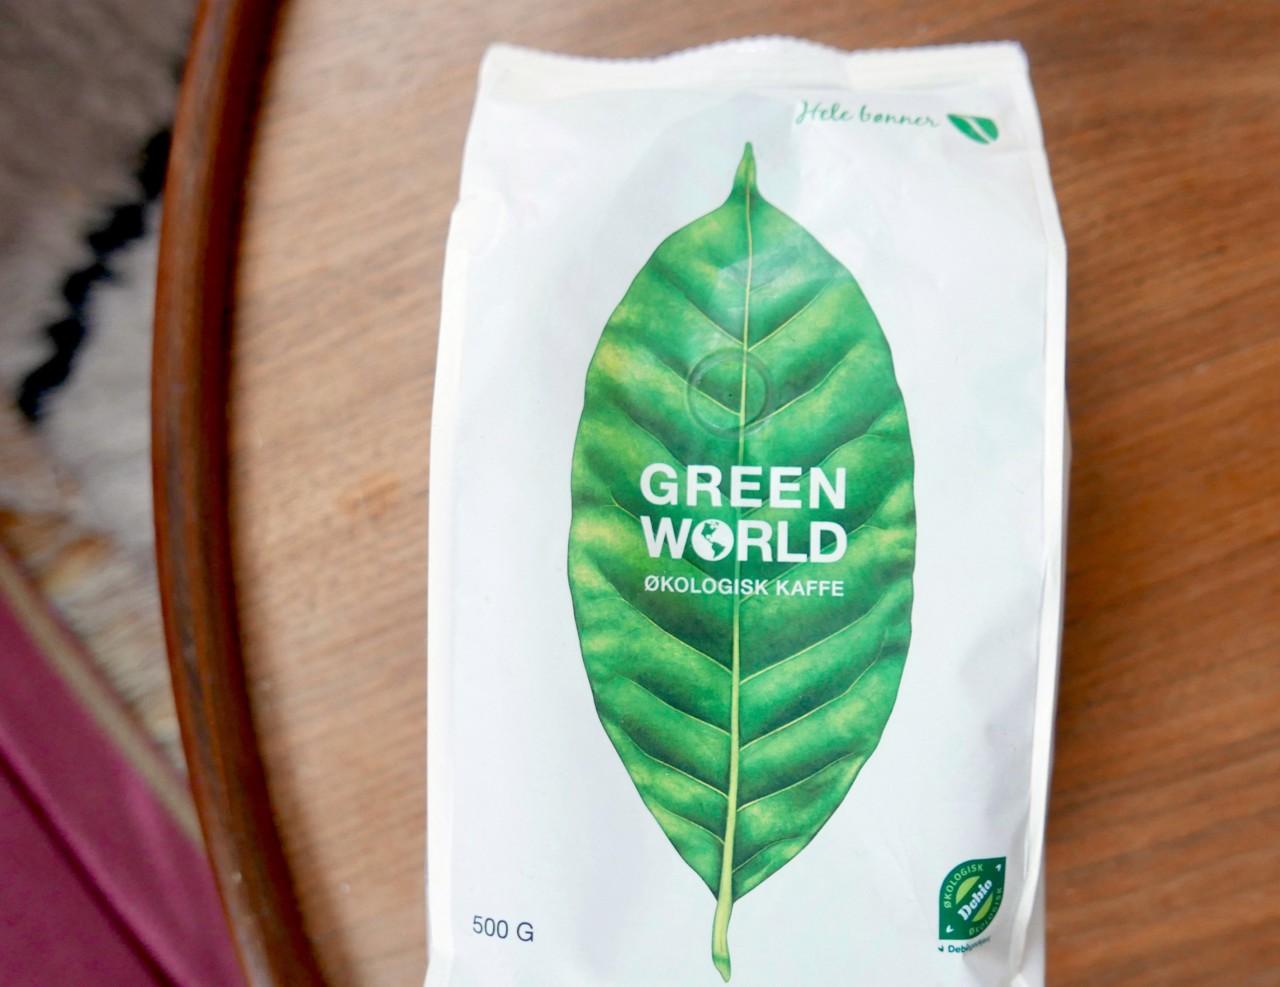 green-world-okologisk-kaffe-hele-bonner-anja-stang